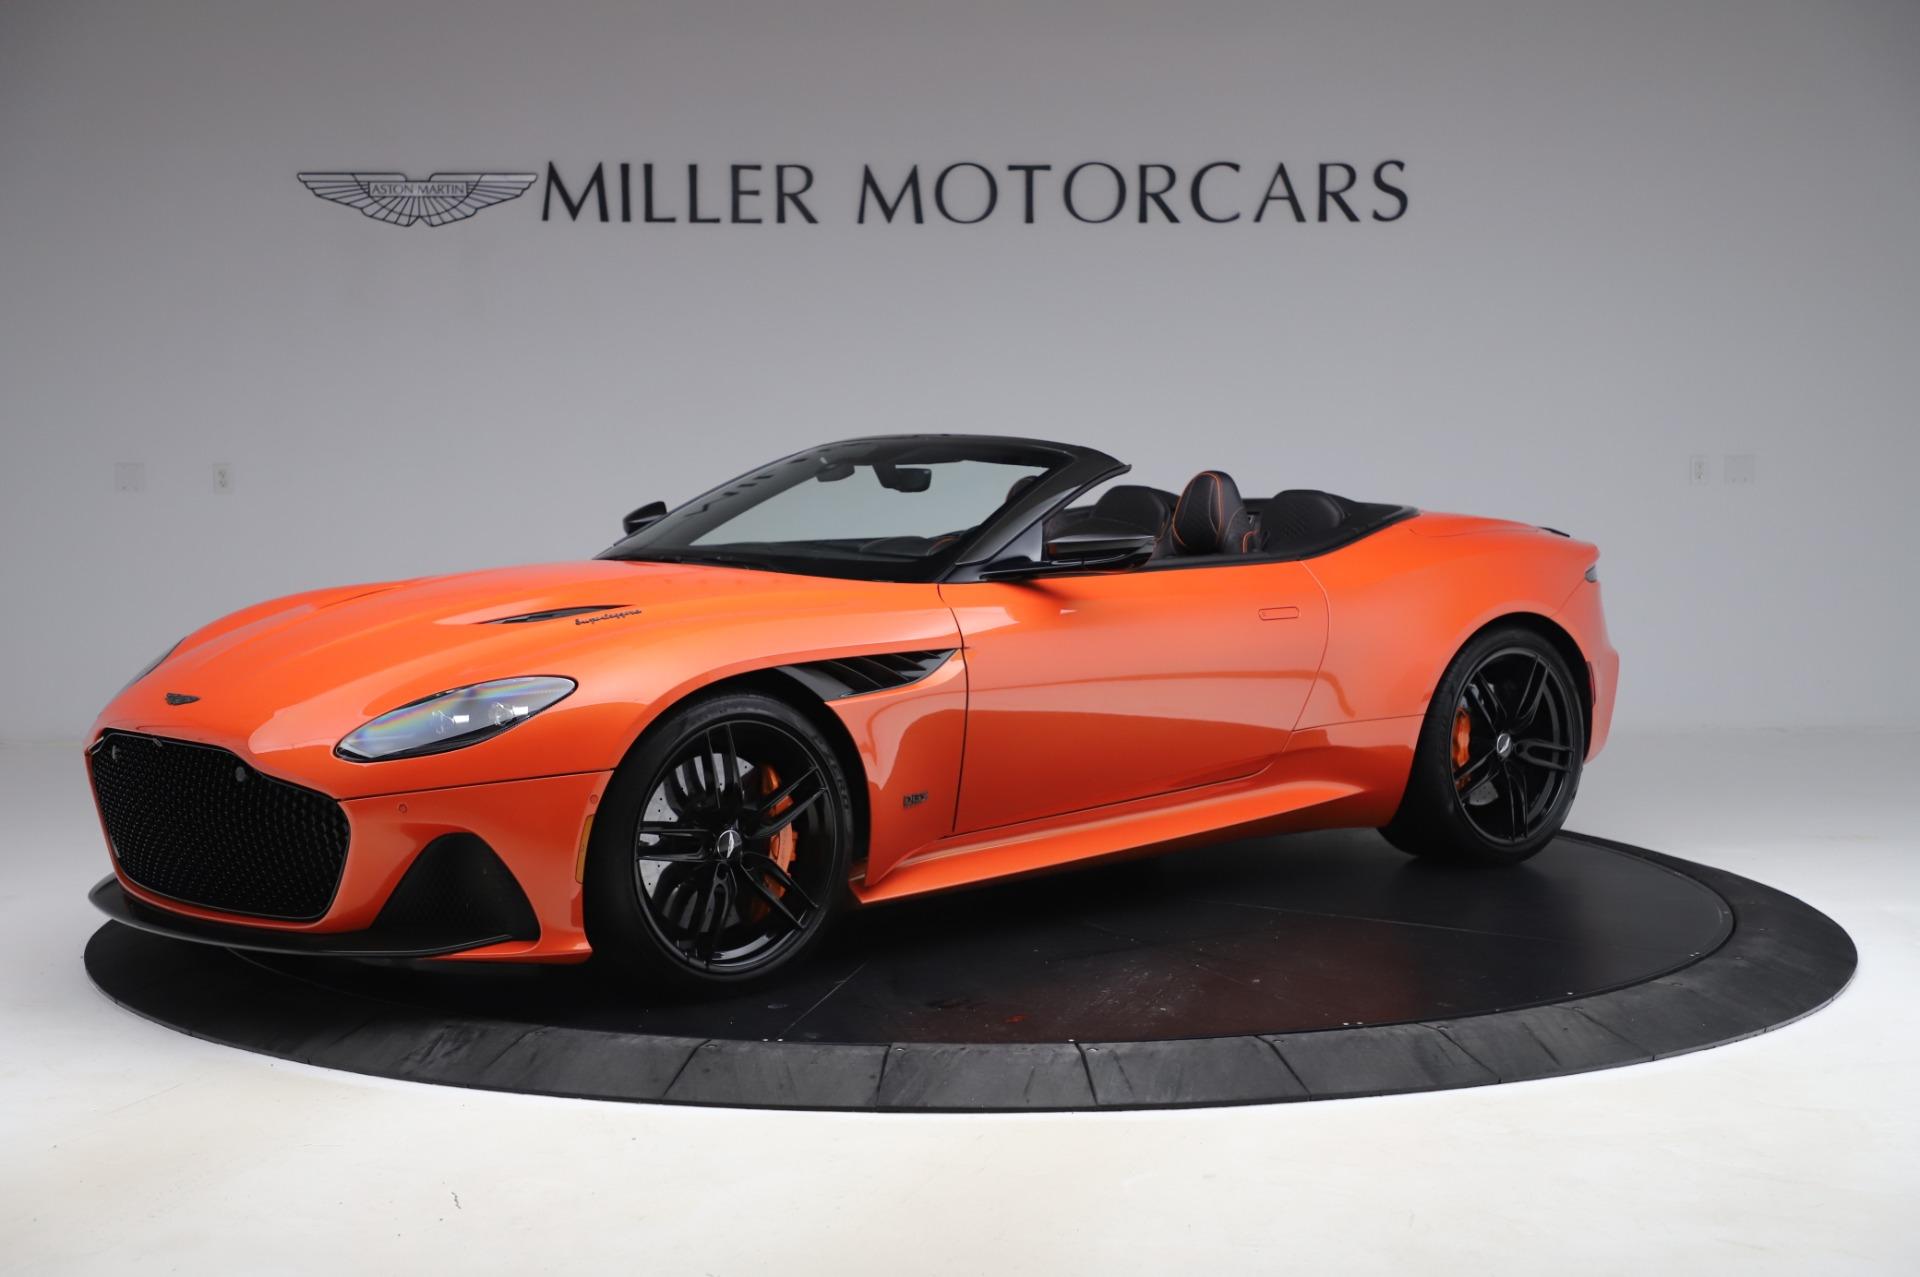 Used 2020 Aston Martin DBS Superleggera Volante for sale $339,800 at Alfa Romeo of Greenwich in Greenwich CT 06830 1